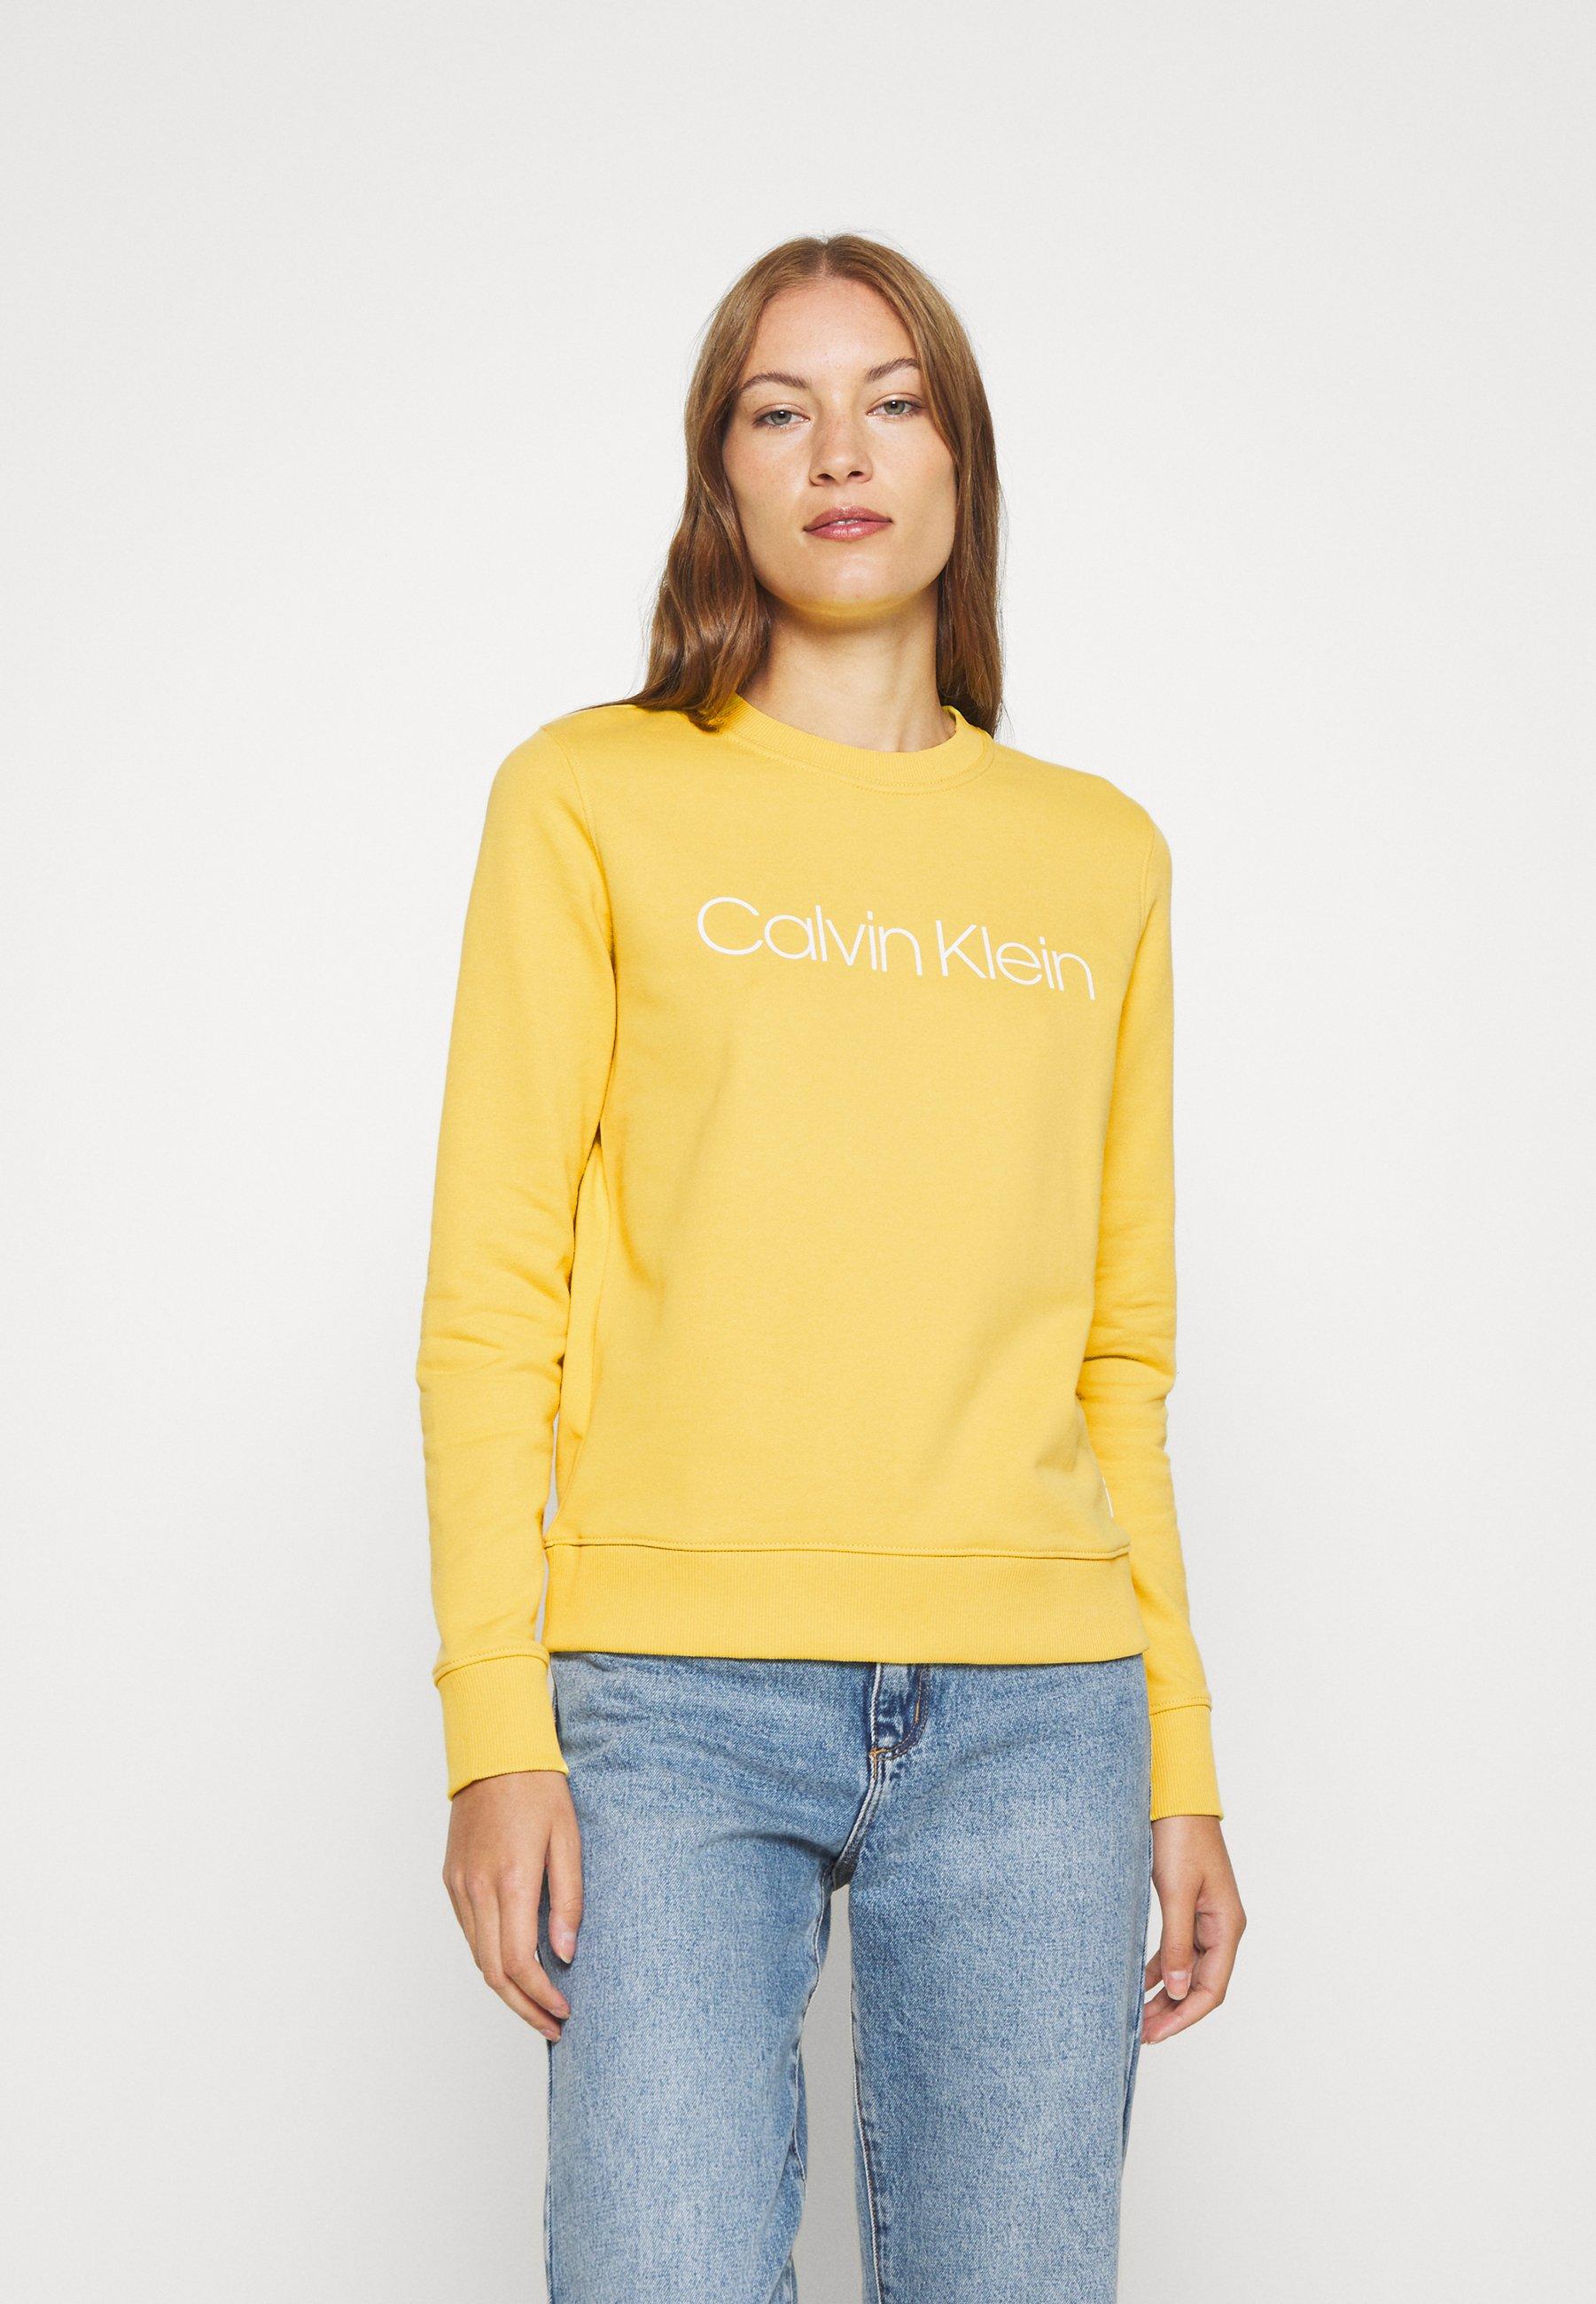 Perfect Shopping Online Women's Clothing Calvin Klein CORE LOGO Sweatshirt yellow dahlia u94XvIN0g uFa7M8DVR